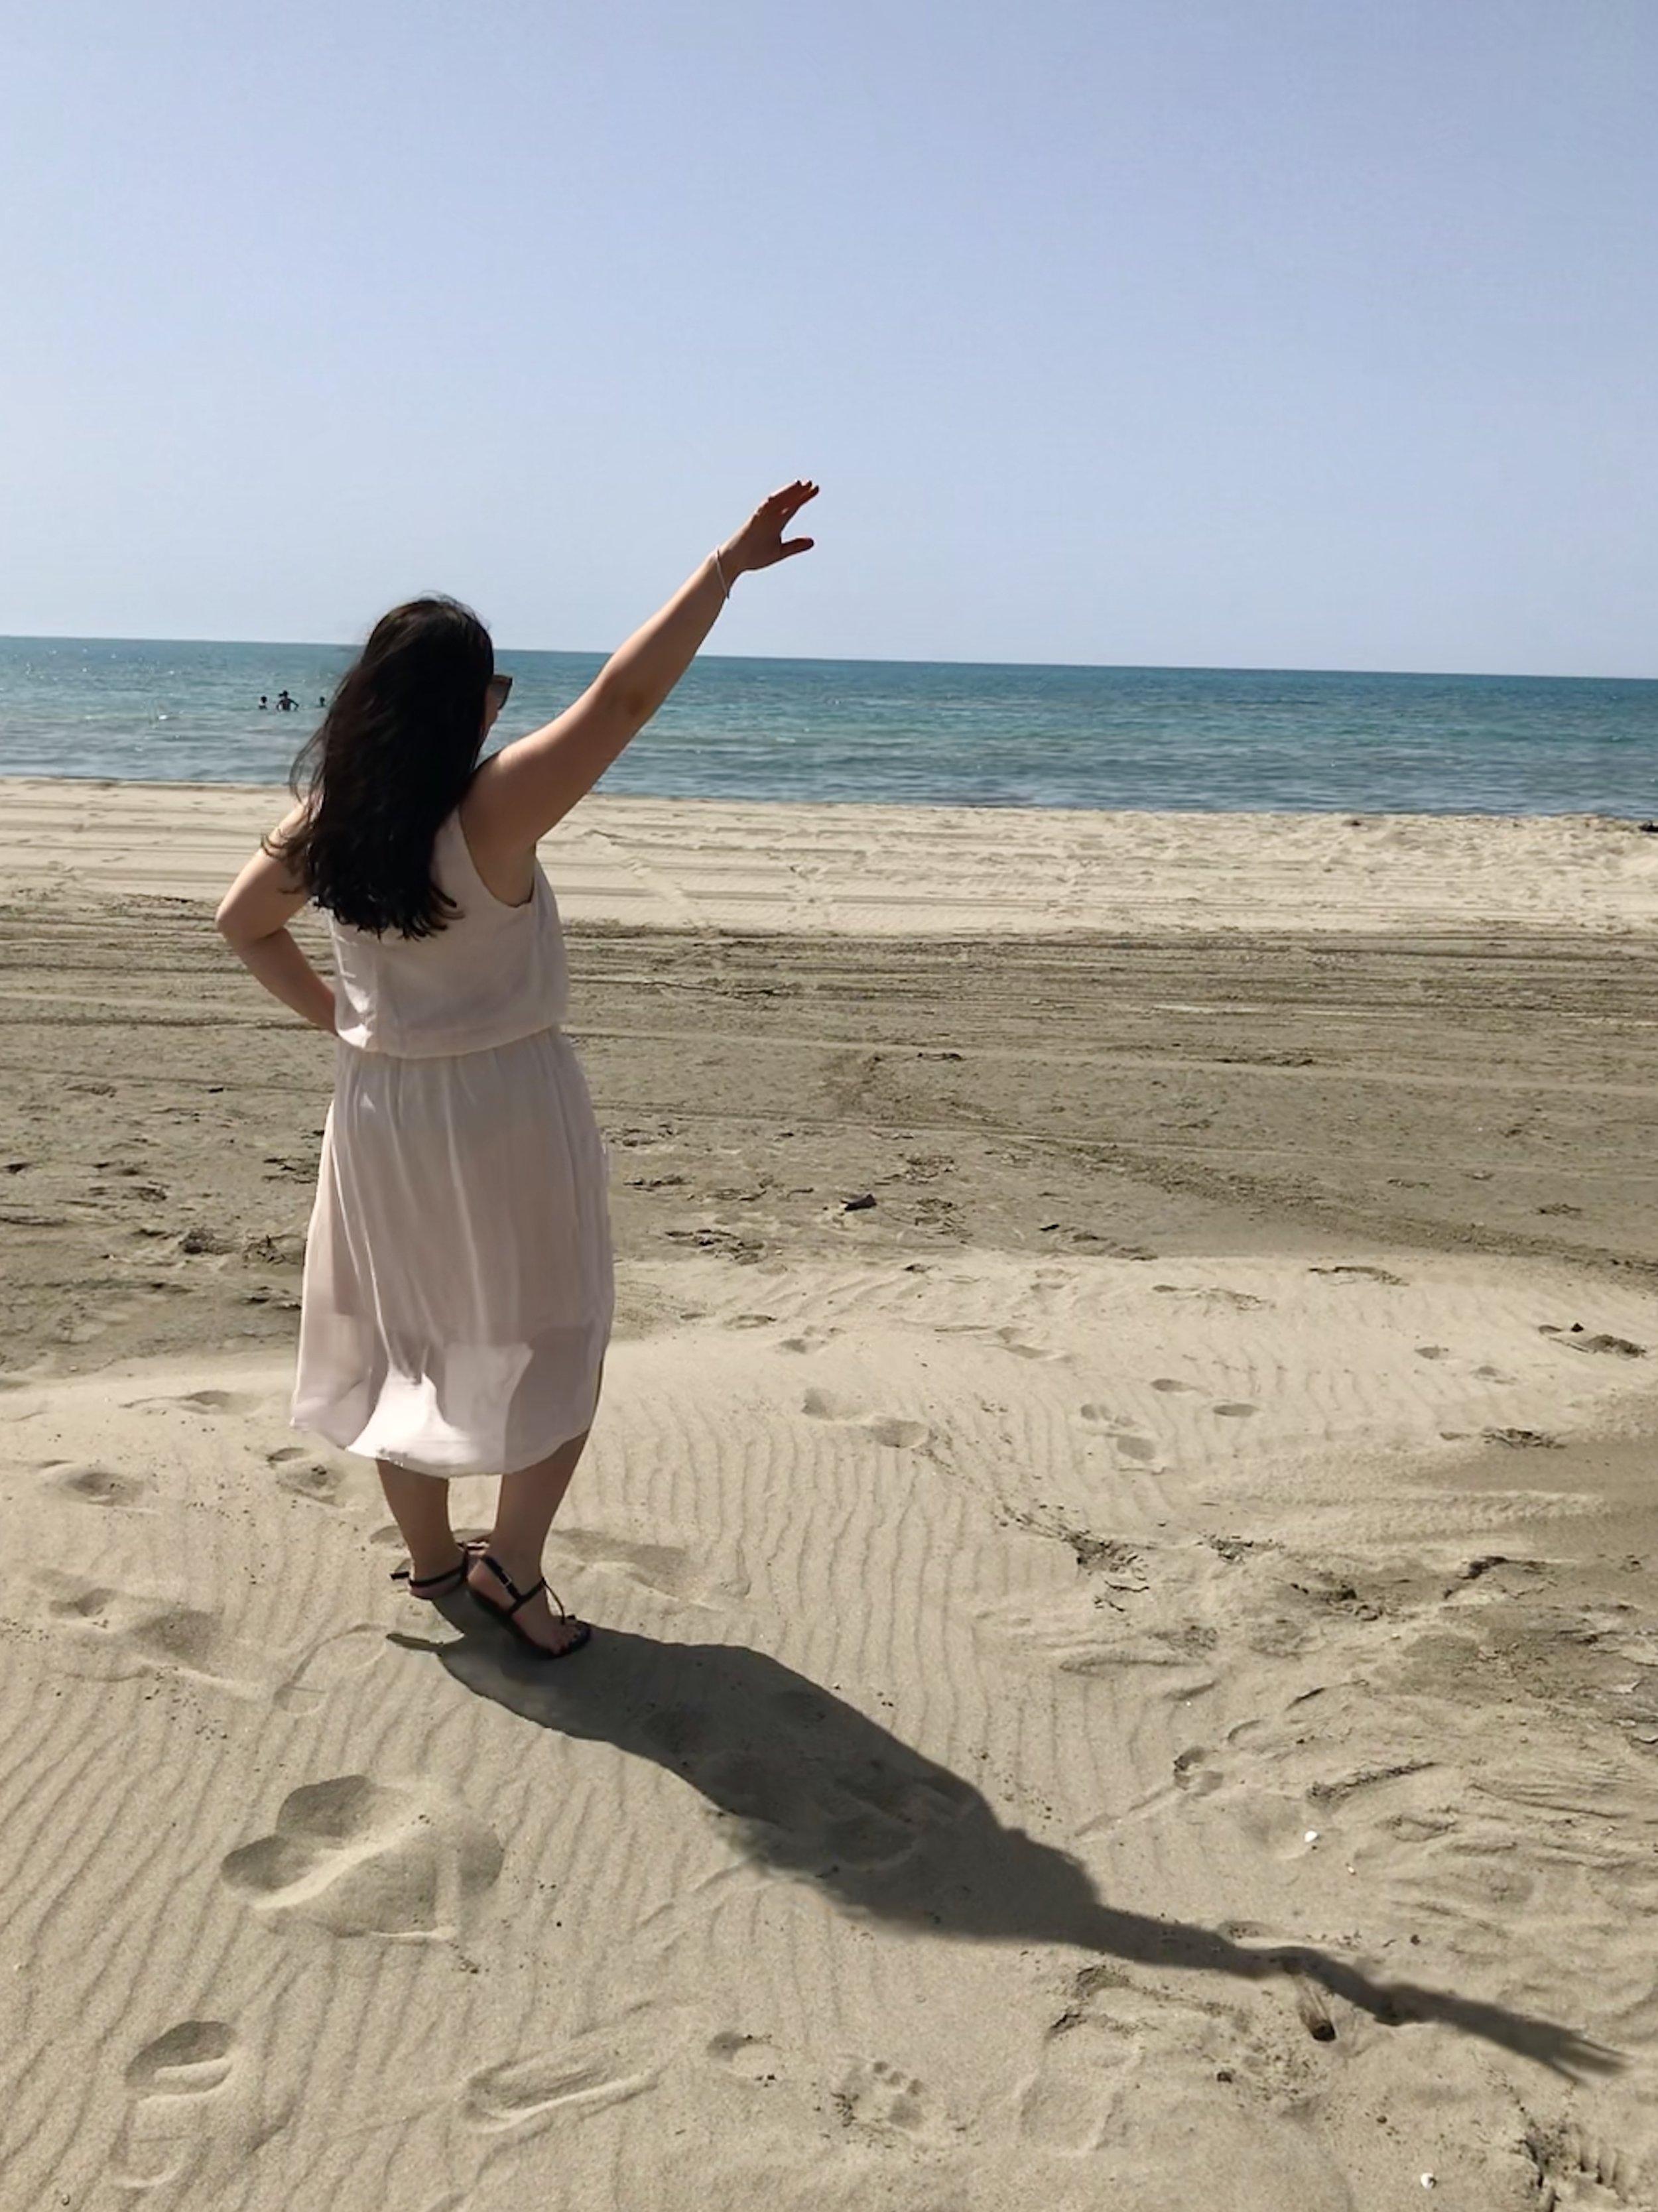 Pish Poron rauhalliset ja puhtaat hiekkarannat. Kuva: Arsen Duraj